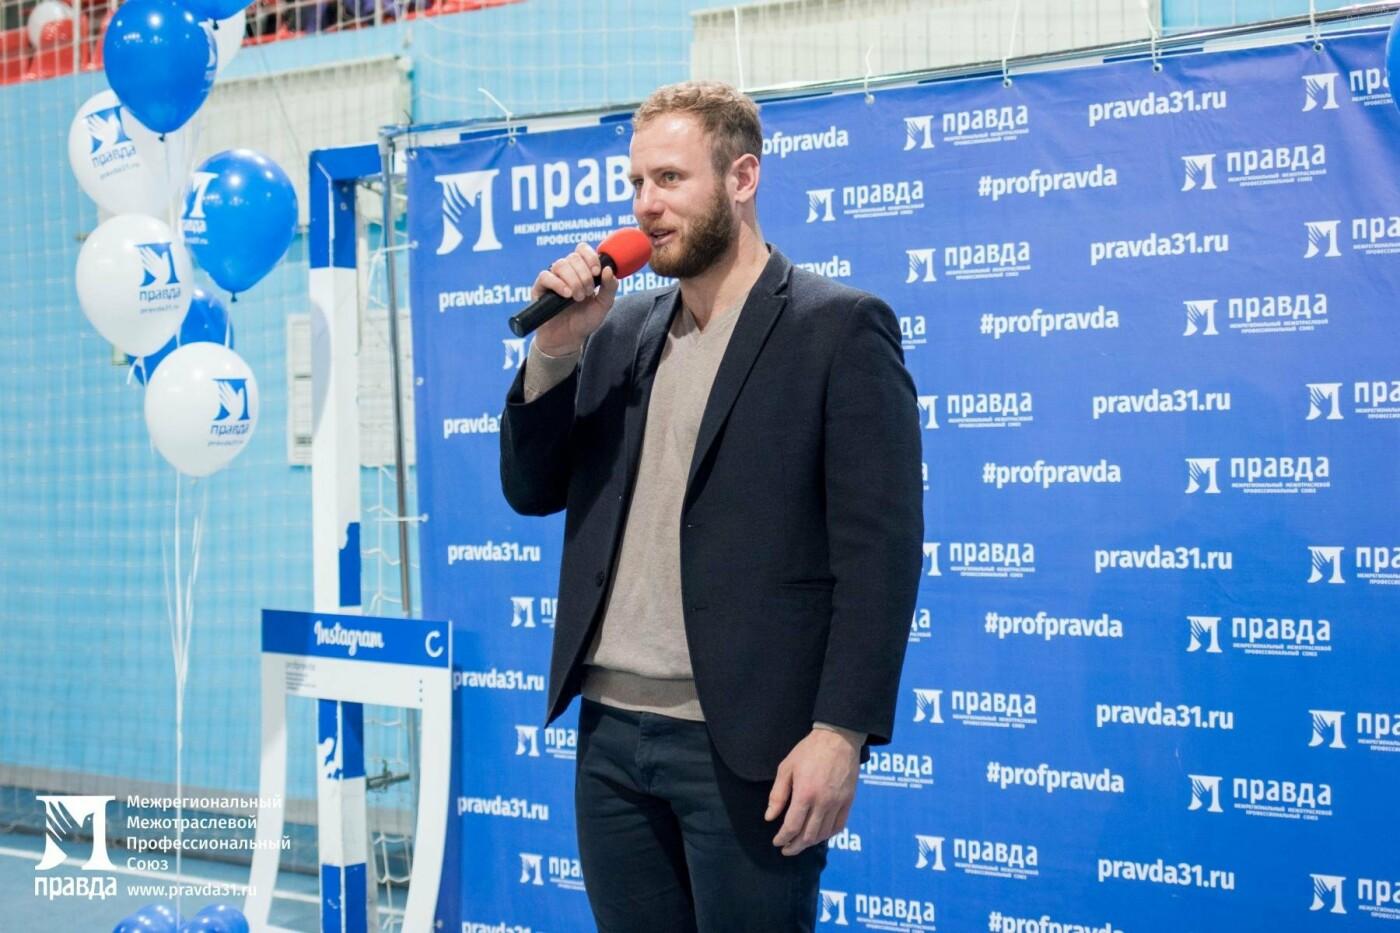 В Белгороде определили победителей спартакиады профсоюза «Правда», фото-11